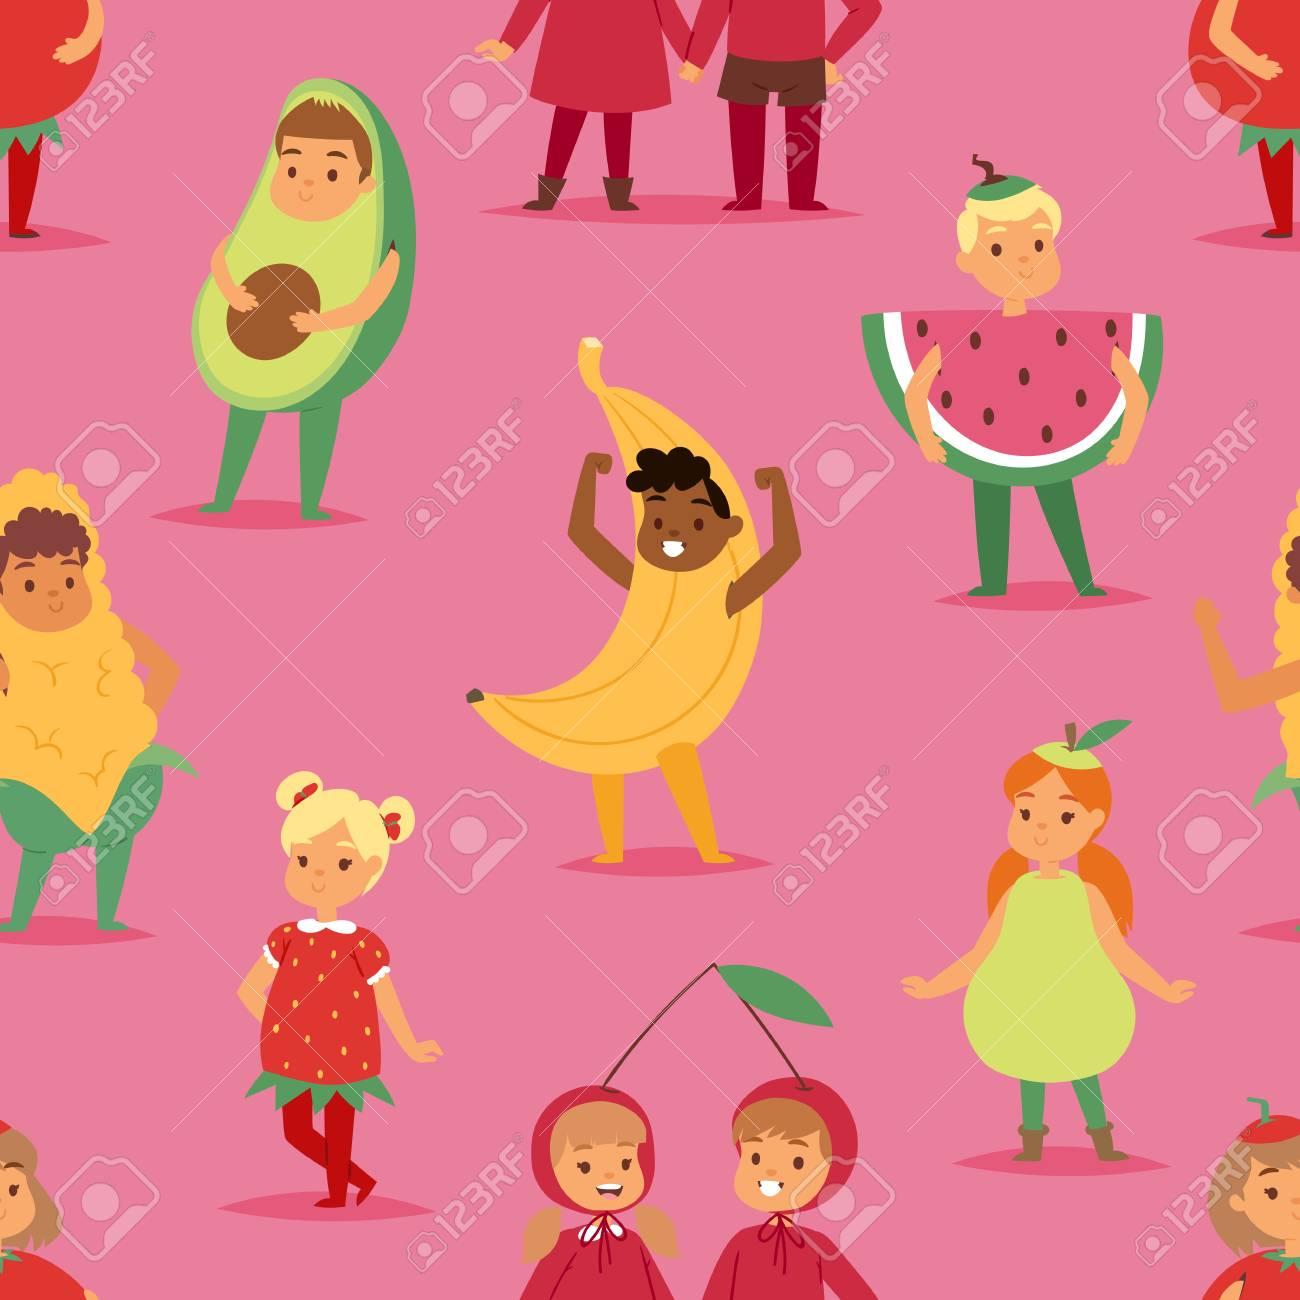 8b5bfb450166f Banque d images - Enfants enfants fête des fruits costume dessin animé  masque et robe fête des garçons et des filles fantaisie enfance kid Noël  caractères ...